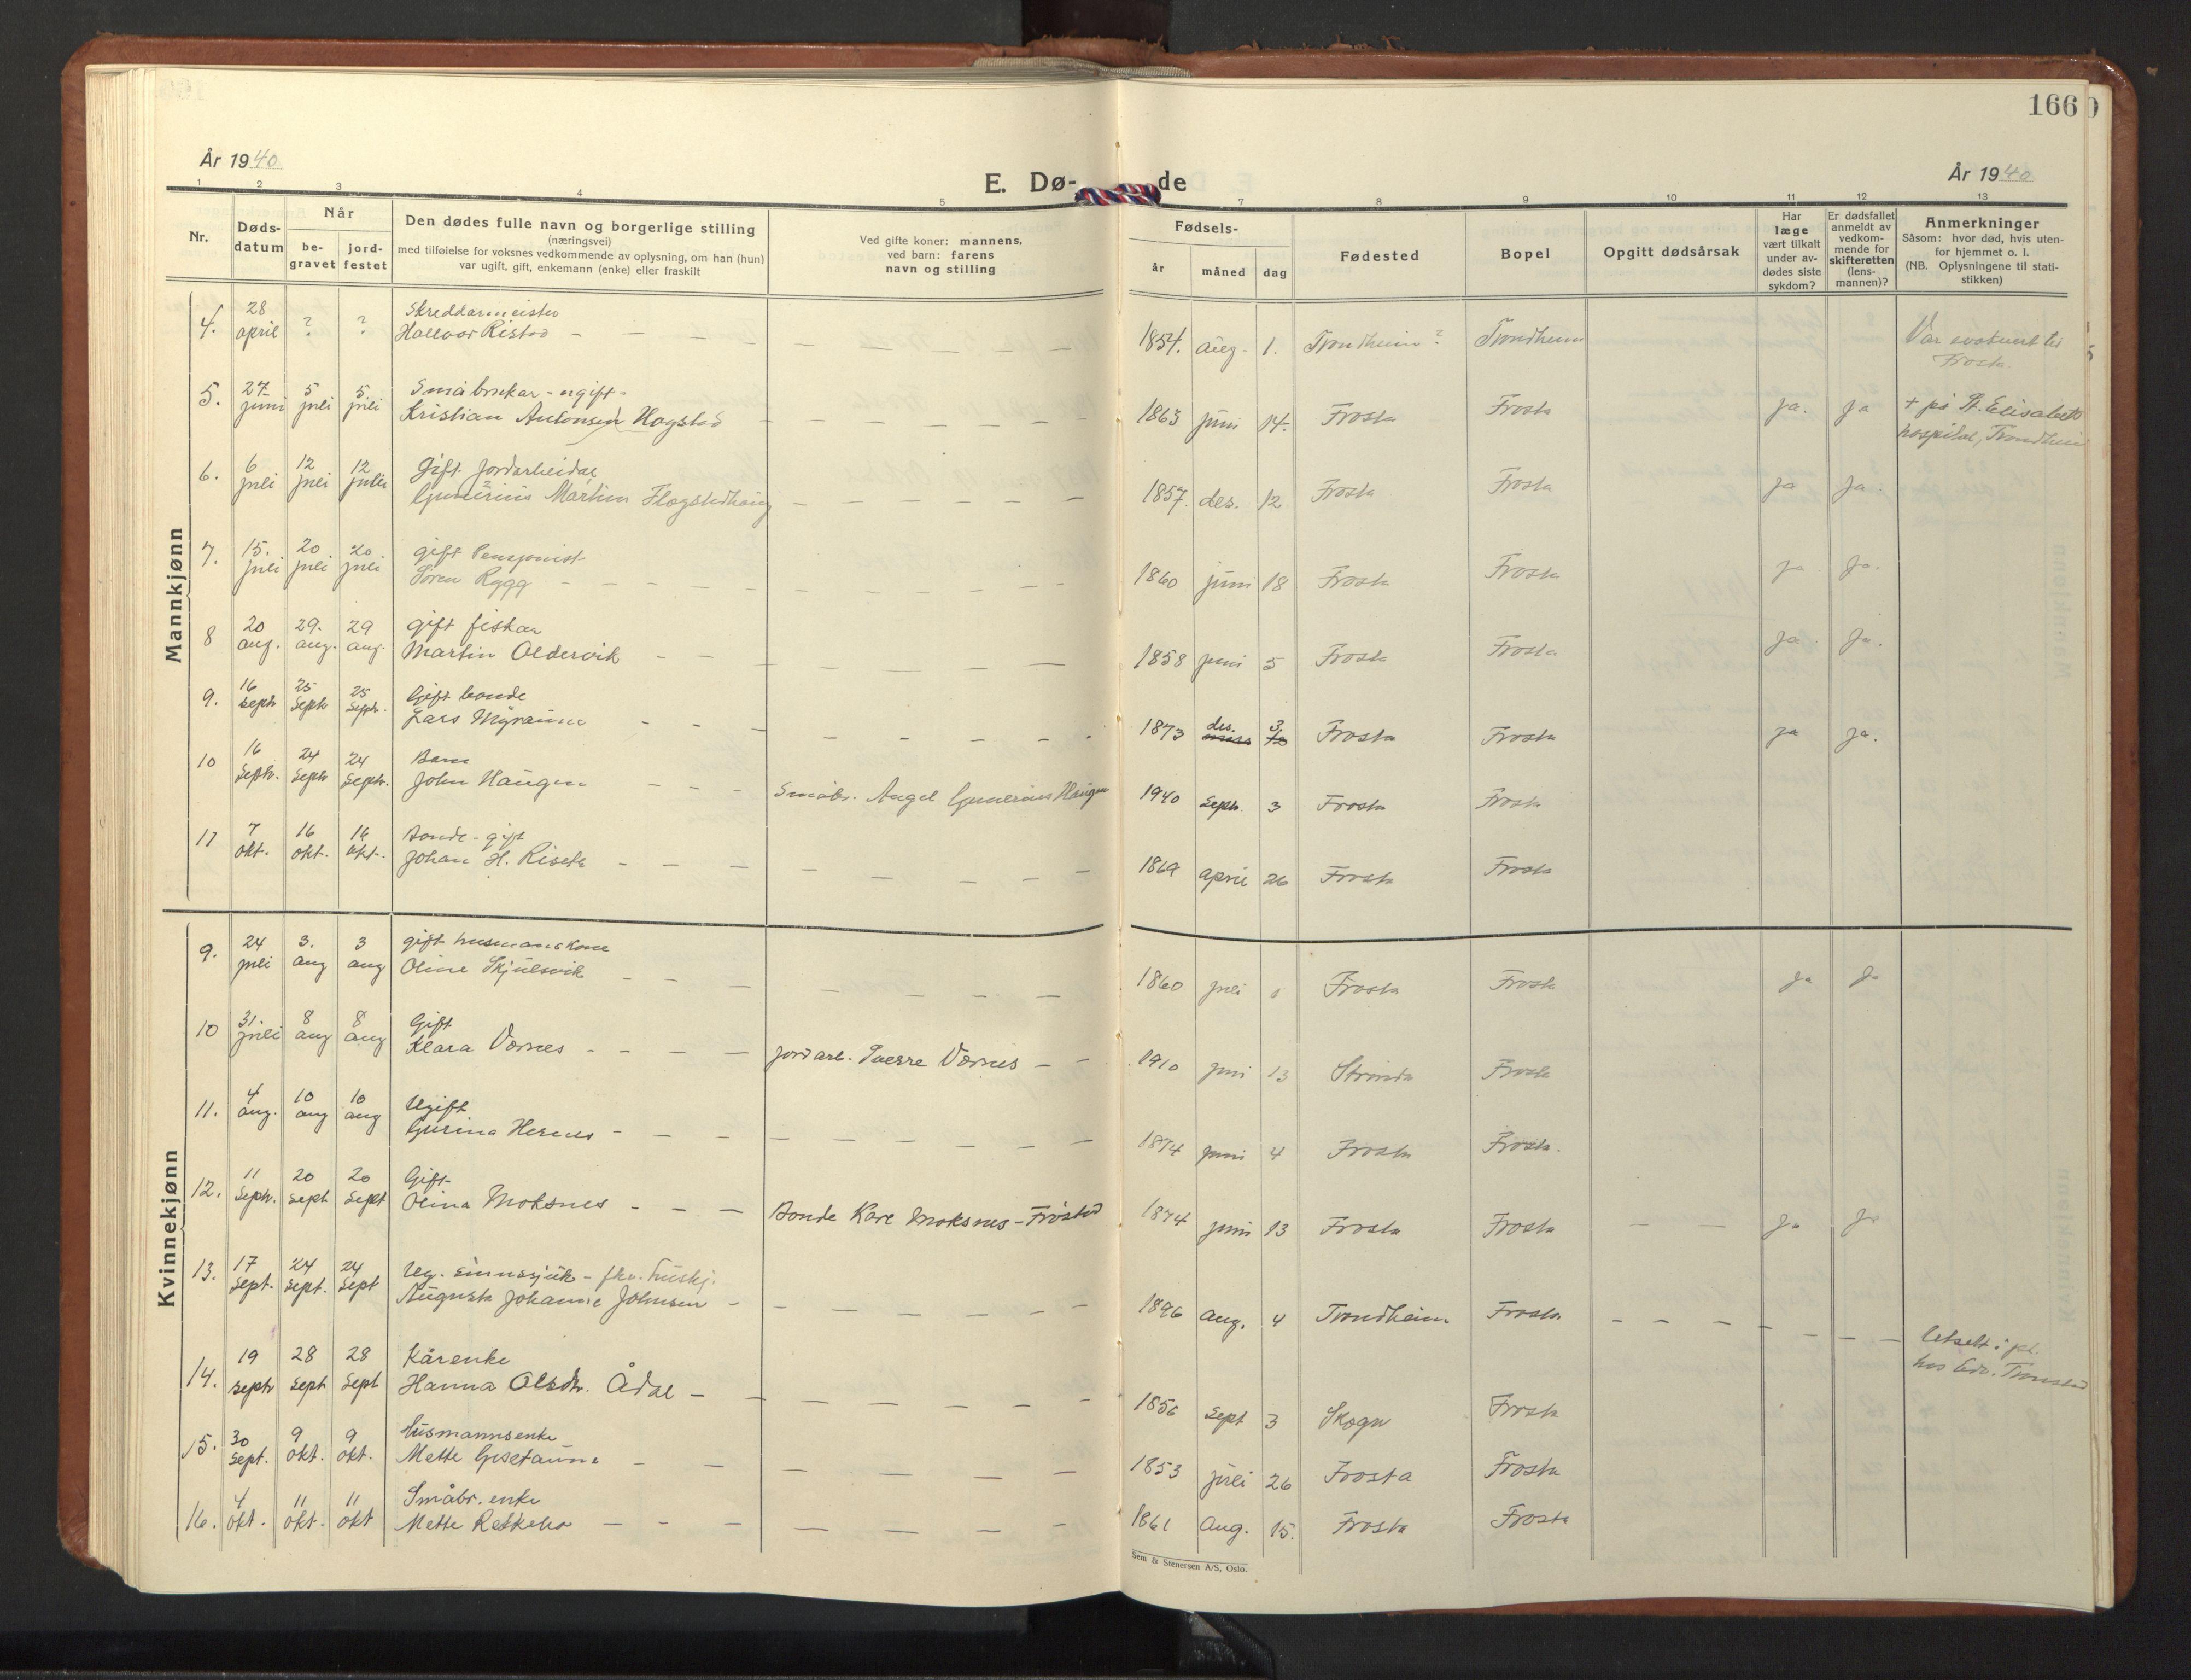 SAT, Ministerialprotokoller, klokkerbøker og fødselsregistre - Nord-Trøndelag, 713/L0125: Klokkerbok nr. 713C02, 1931-1941, s. 166